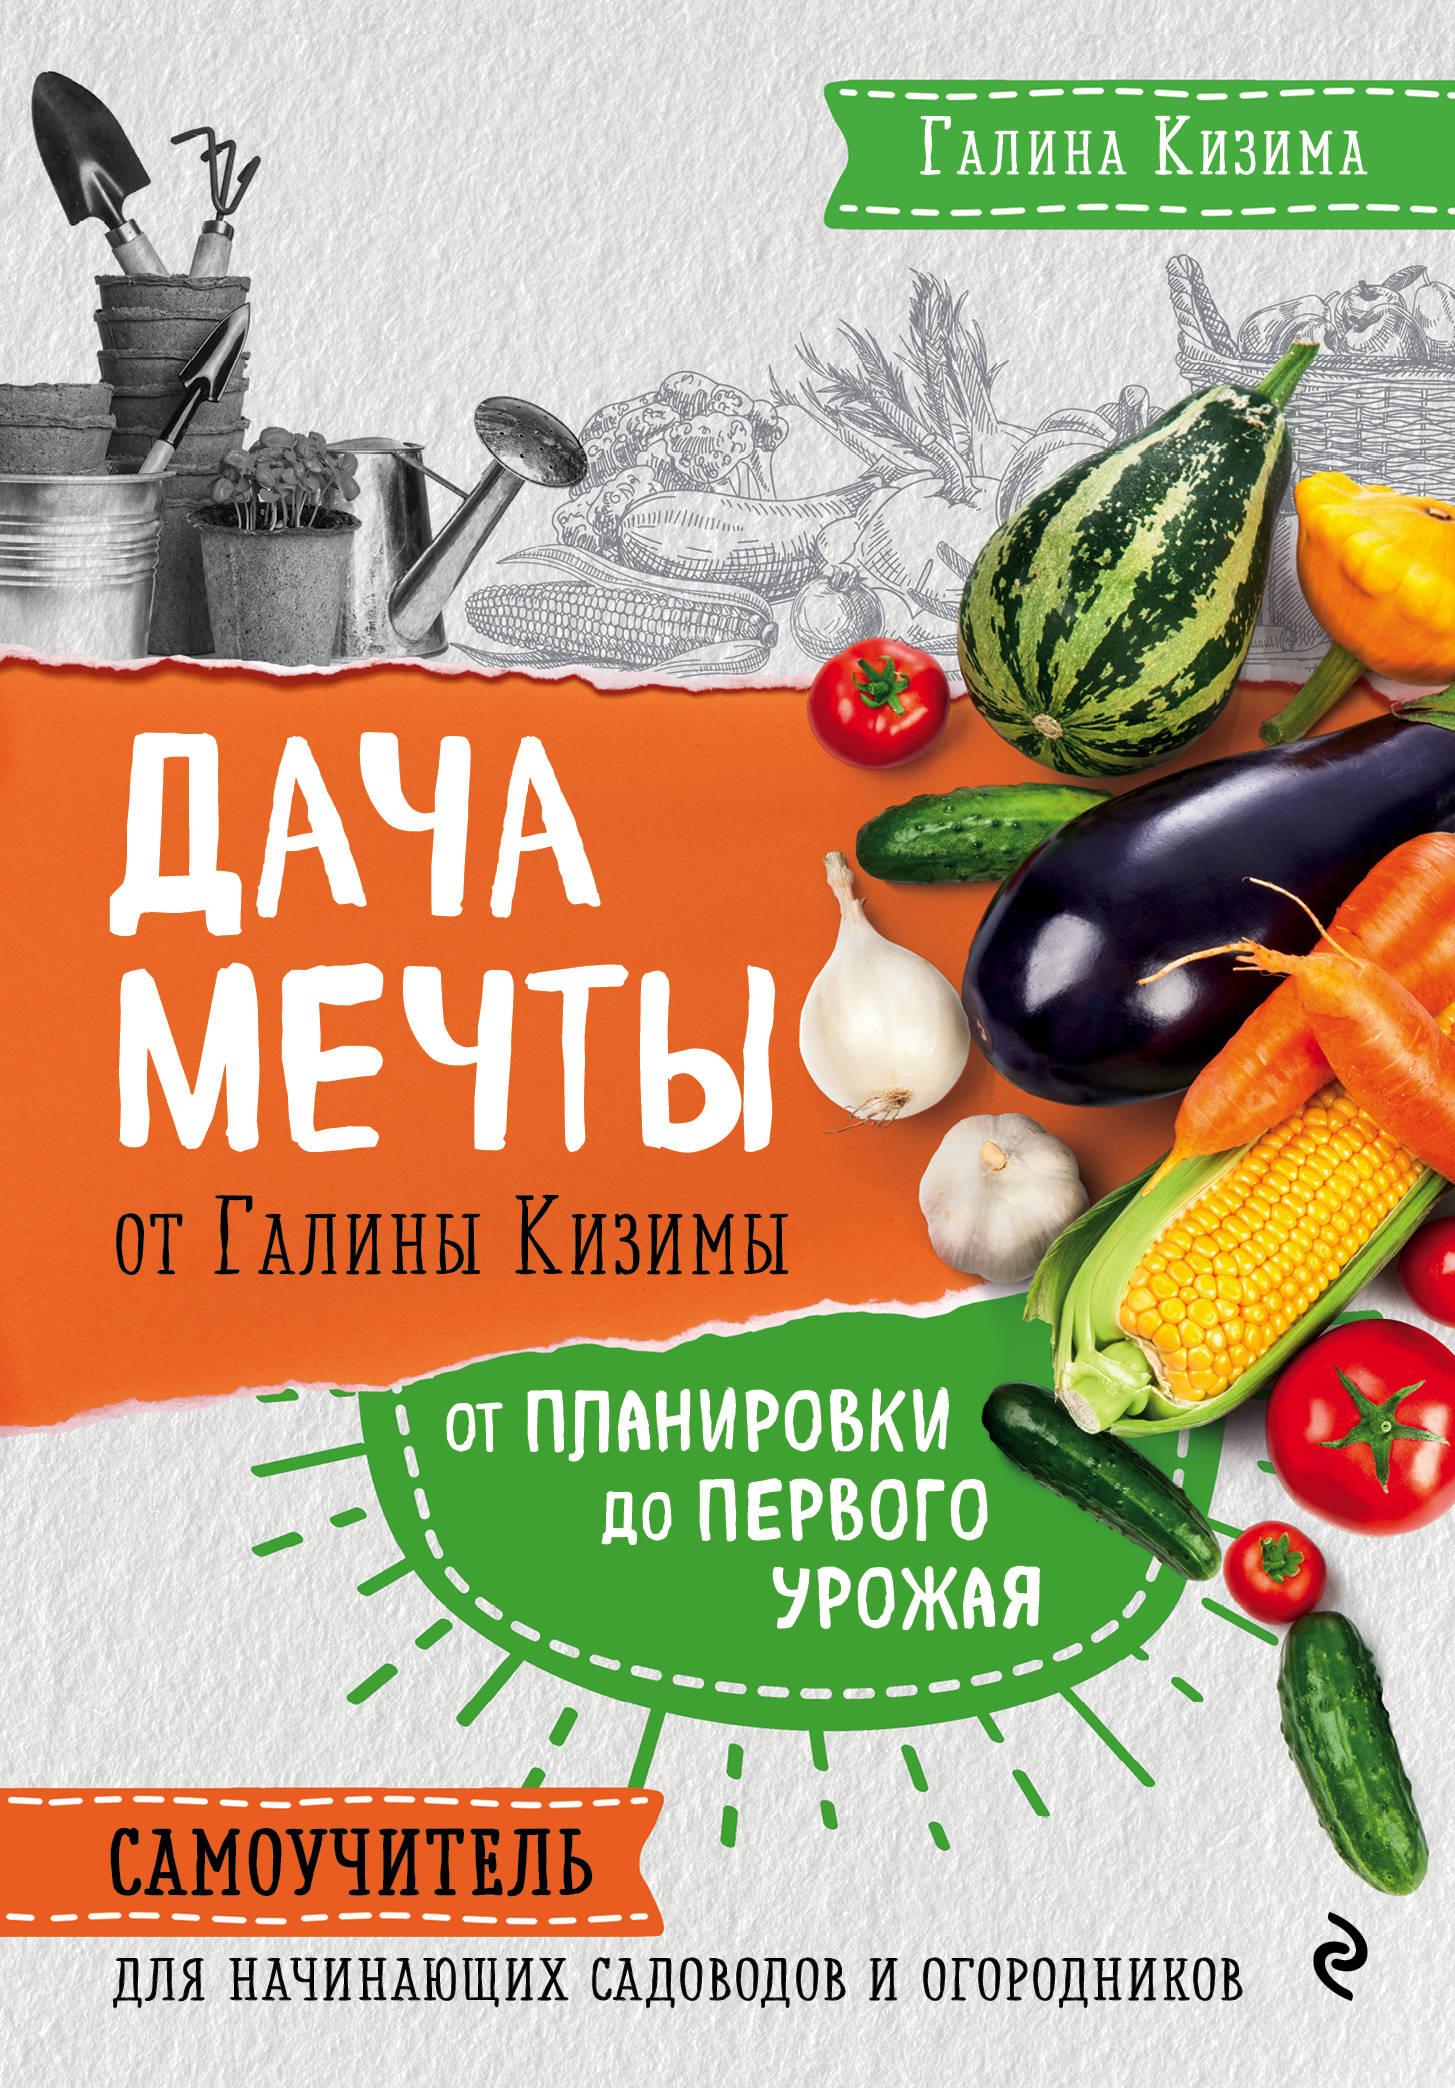 Галина Кизима Дача мечты от Галины Кизимы. Самоучитель для начинающих садоводов и огородников